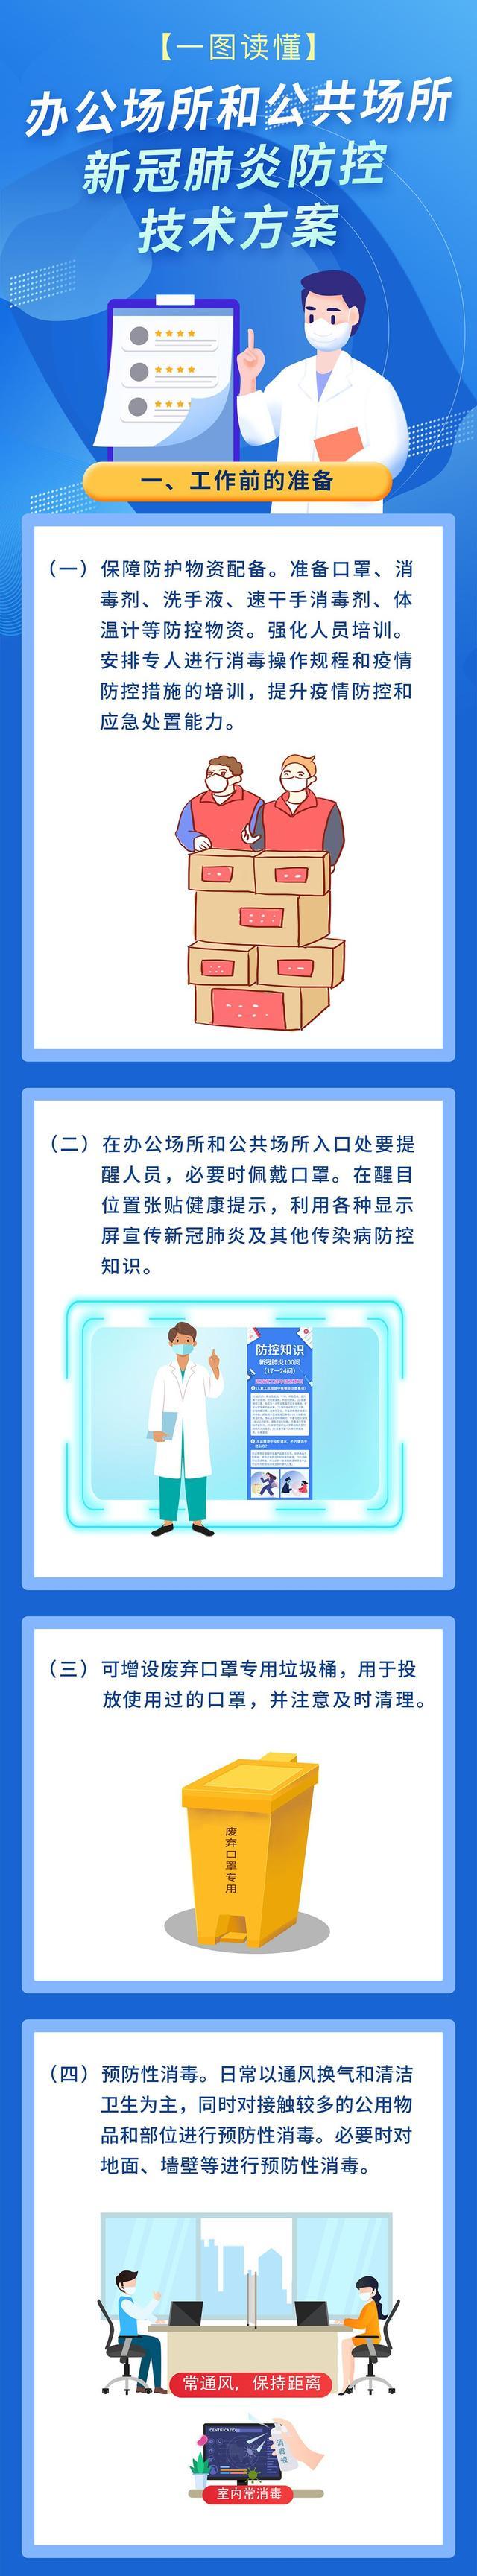 一图读懂:办公场所和公共场所新冠肺炎防控技术方案